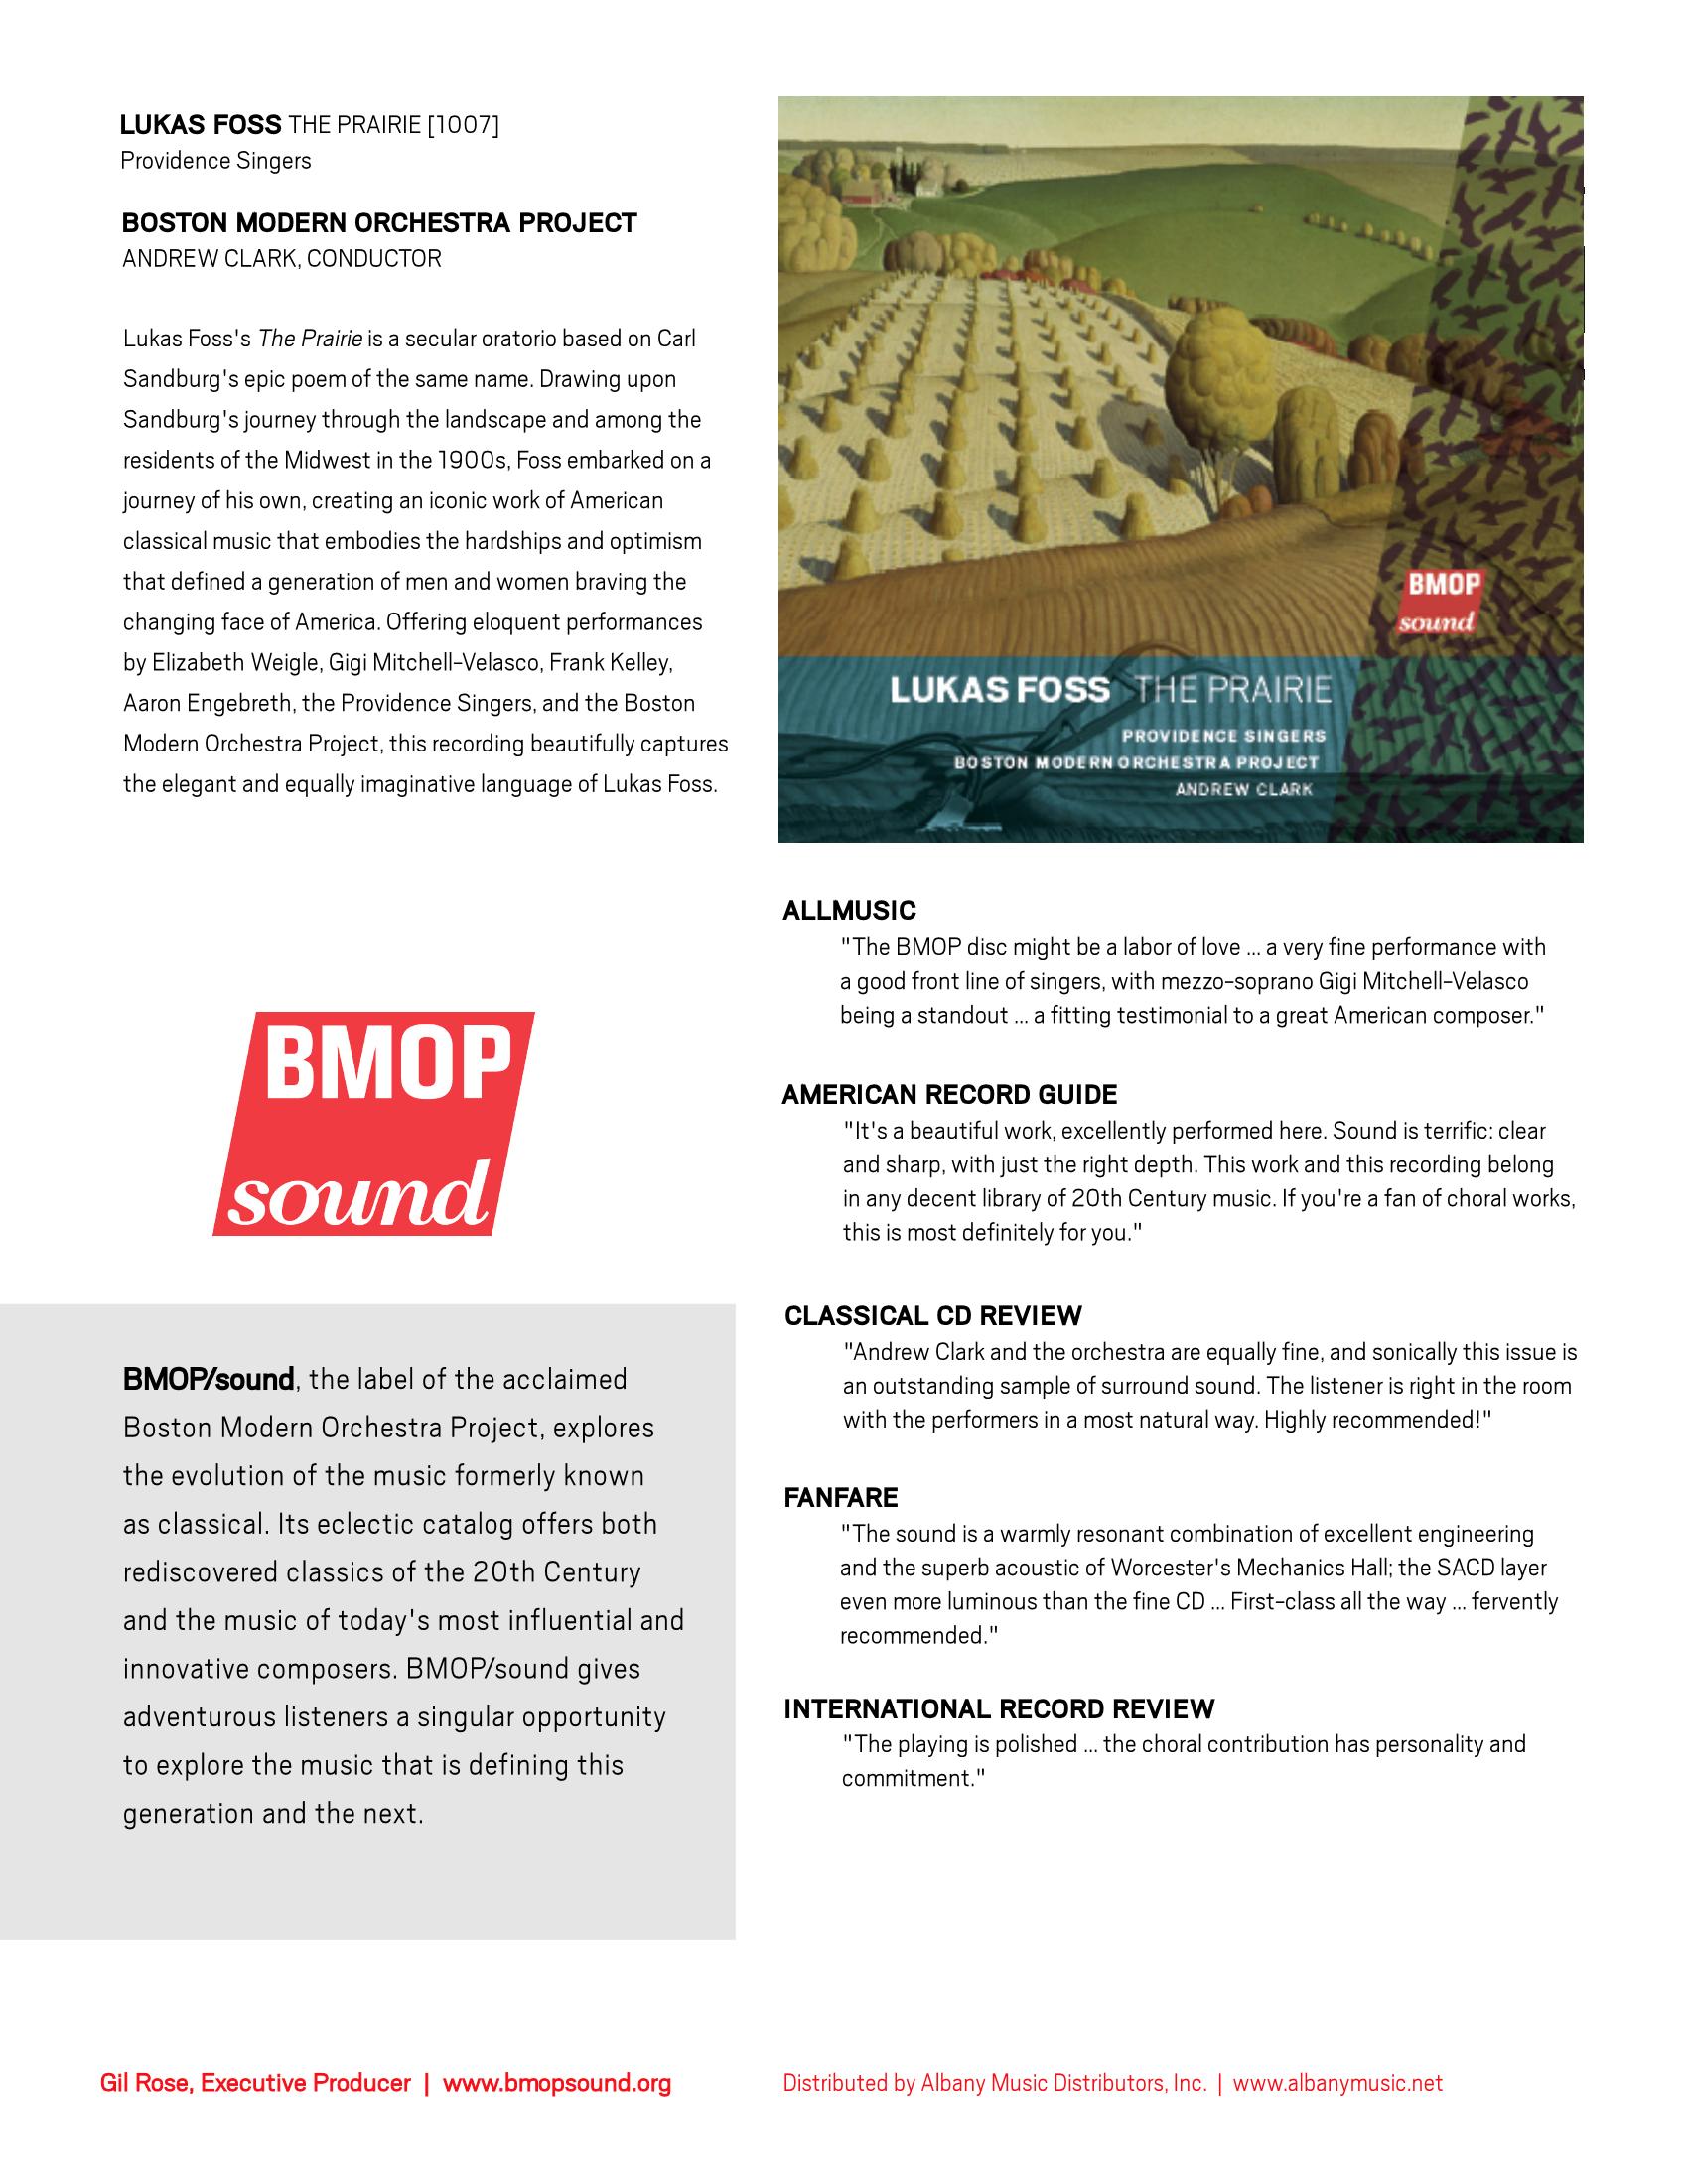 Foss - BMOPsound 1007 one-sheet.png